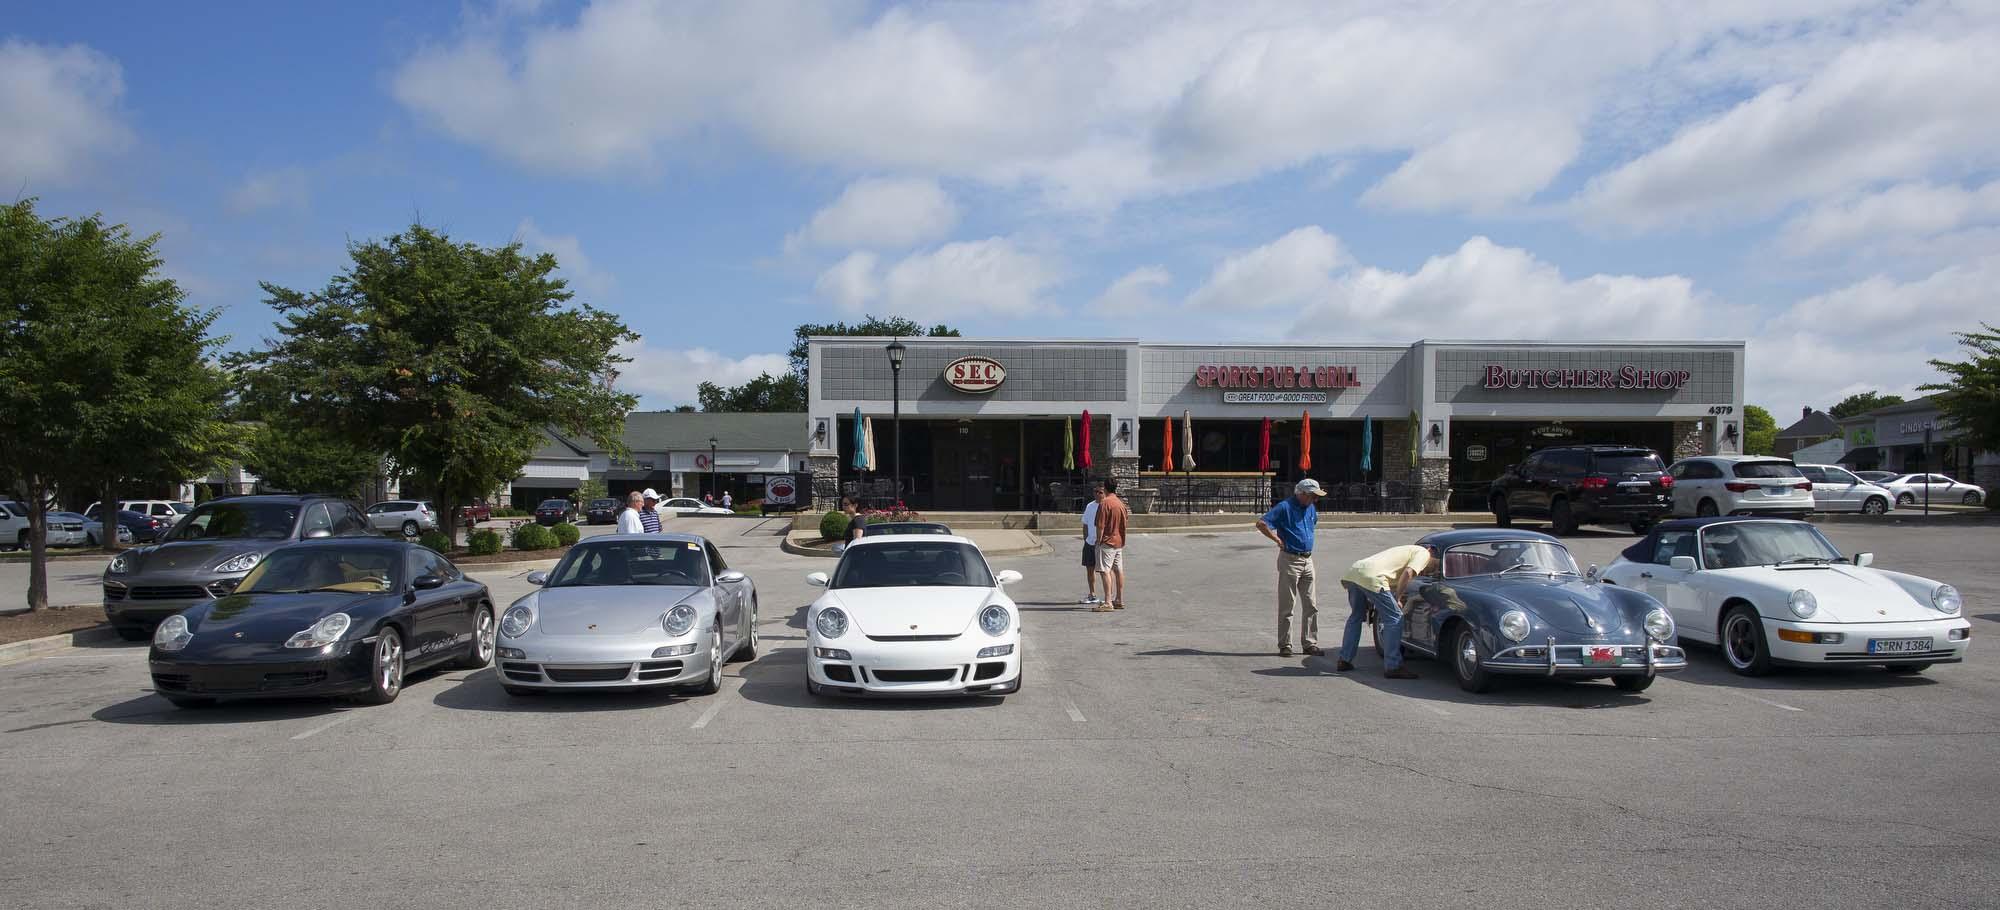 Porsche C&C at Ramseys. June 13, 12015  Photo by Joseph Rey Au